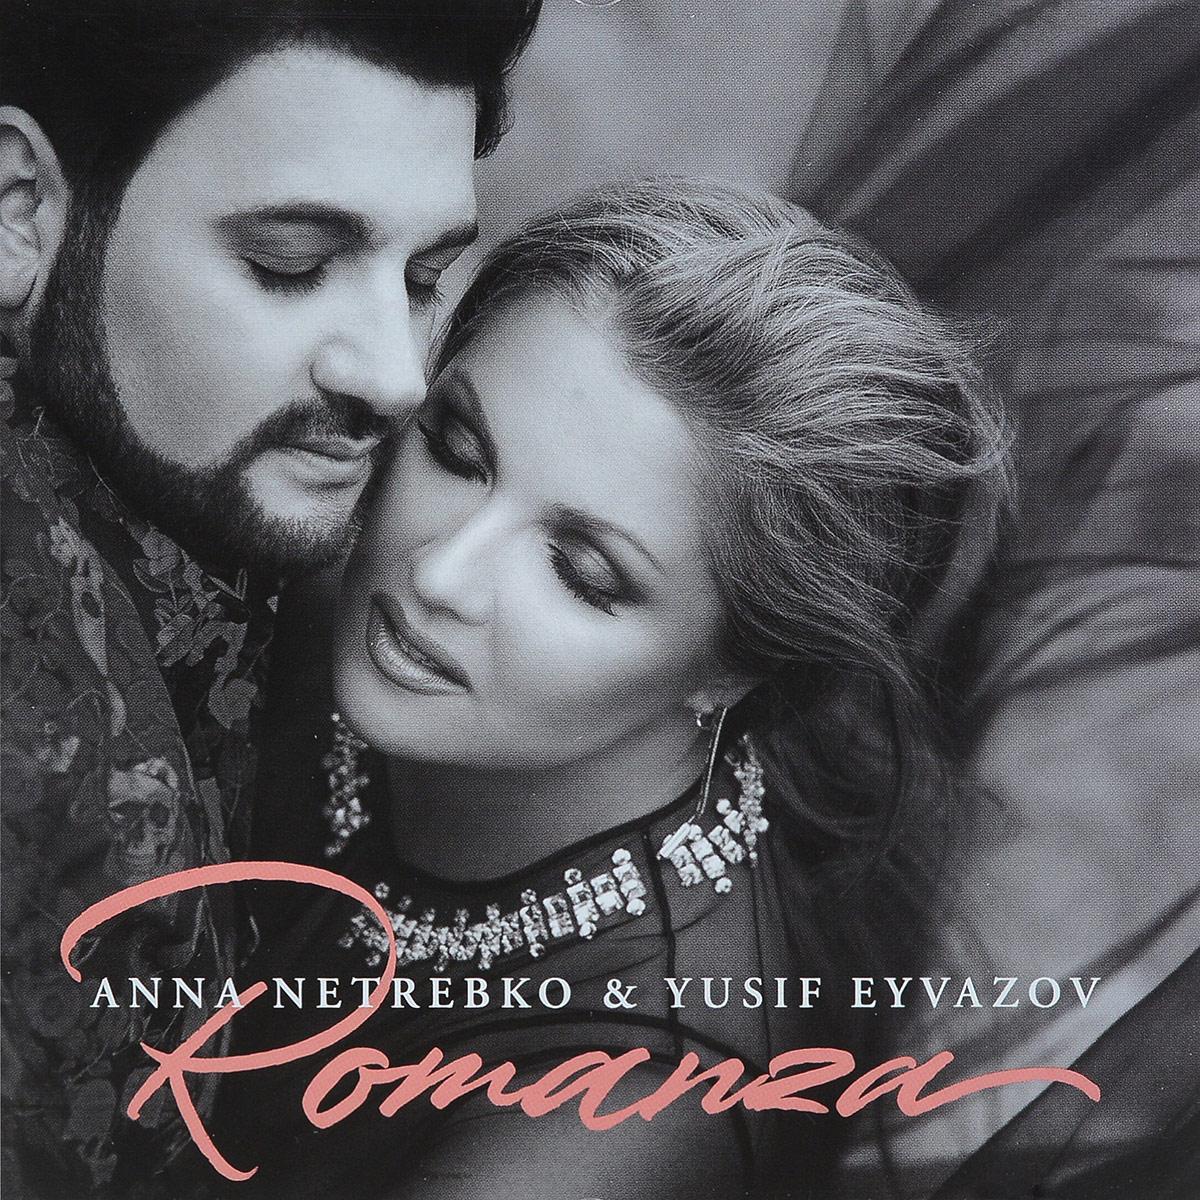 Anna Netrebko & Yusif Eyvazov. Romanza